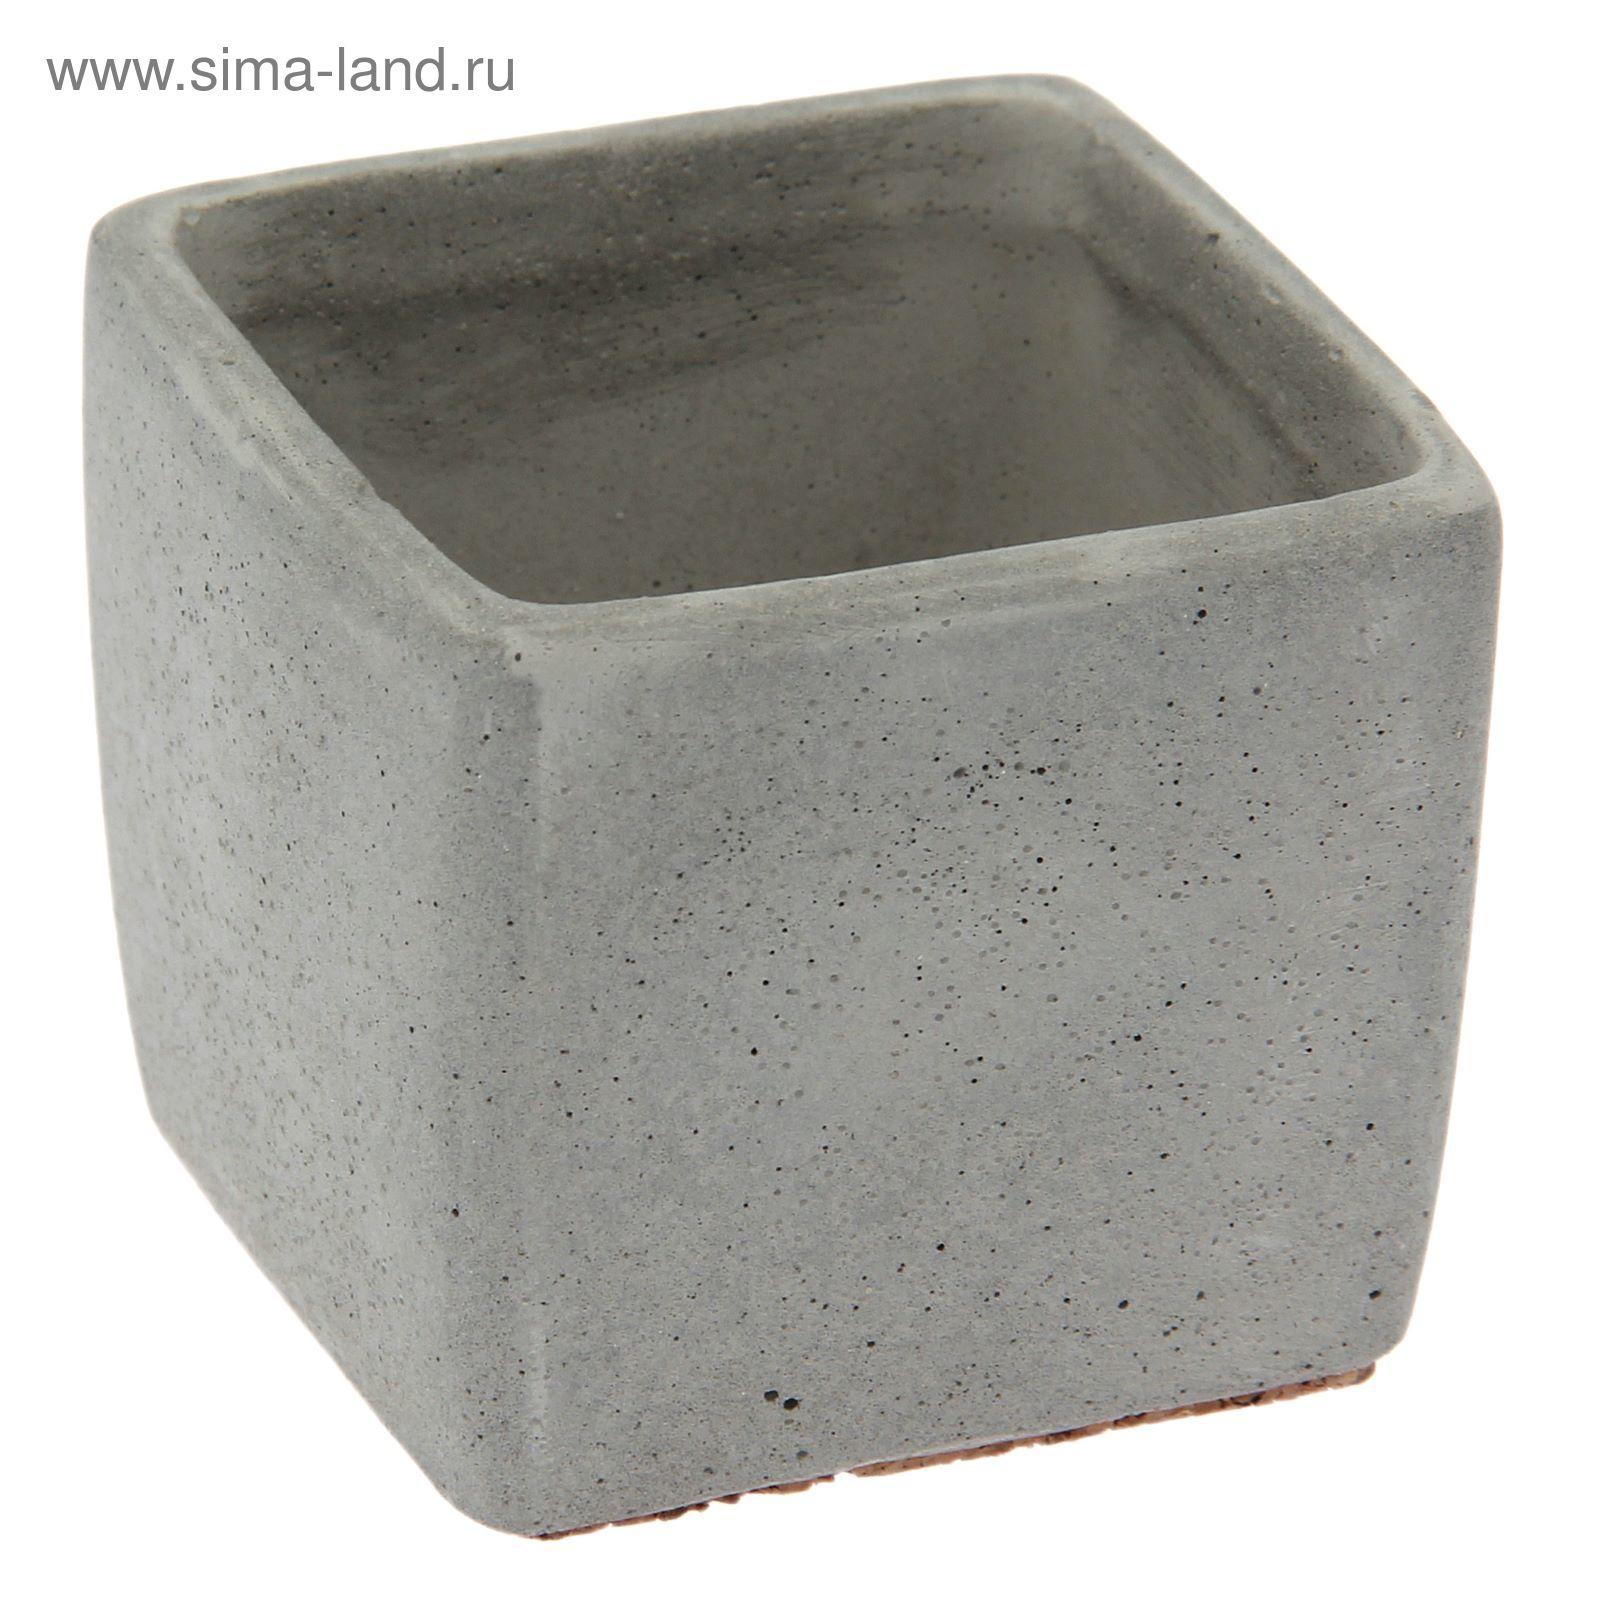 Кашпо из бетона купить цена раствор цементный отличие от бетона